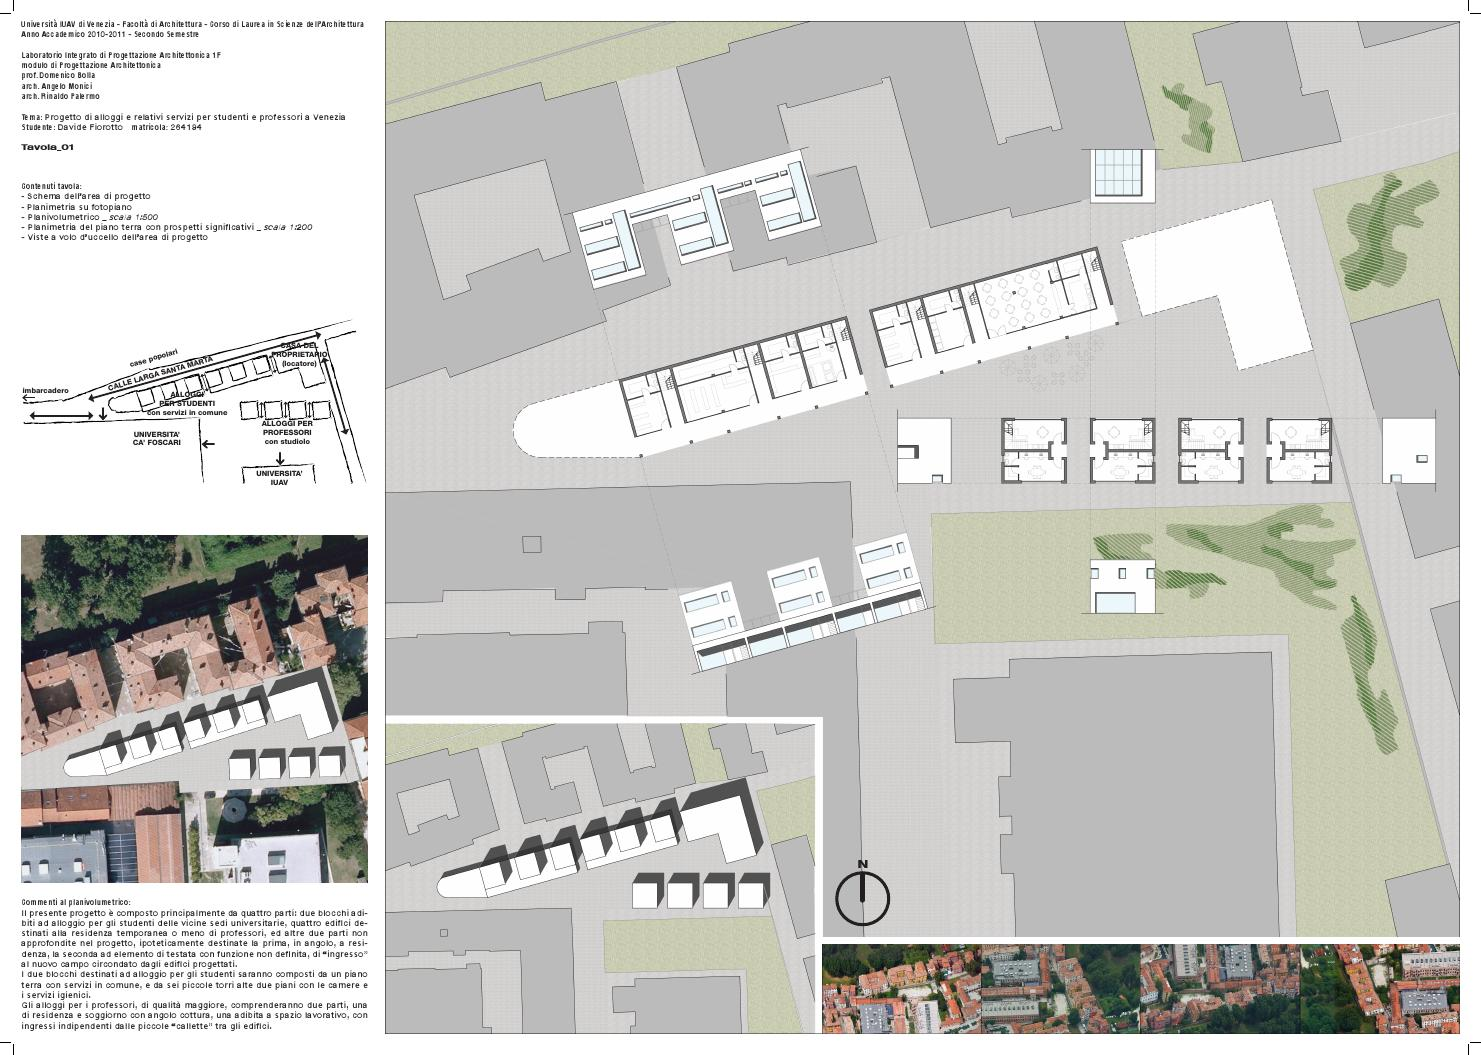 Progetto di alloggi e relativi servizi per studenti e for Laboratorio con alloggi